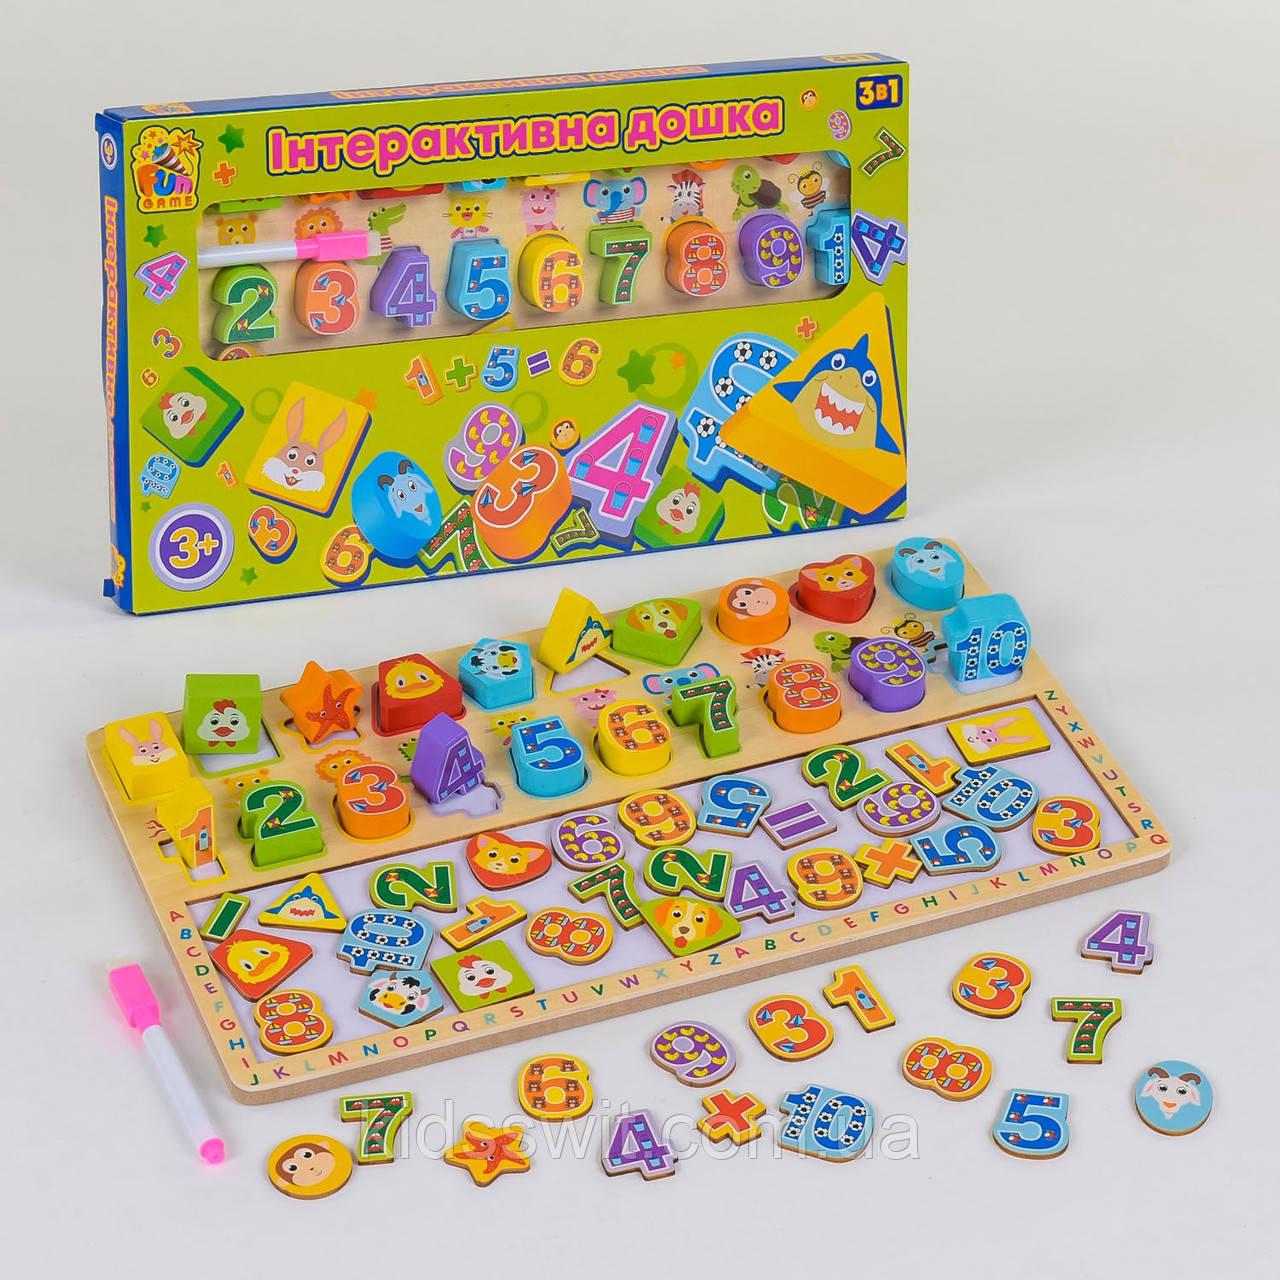 """Інтерактивна дощечка 3в1 від """"Fun game"""", навчальна, з маркером для малювання, в коробці, 7409"""